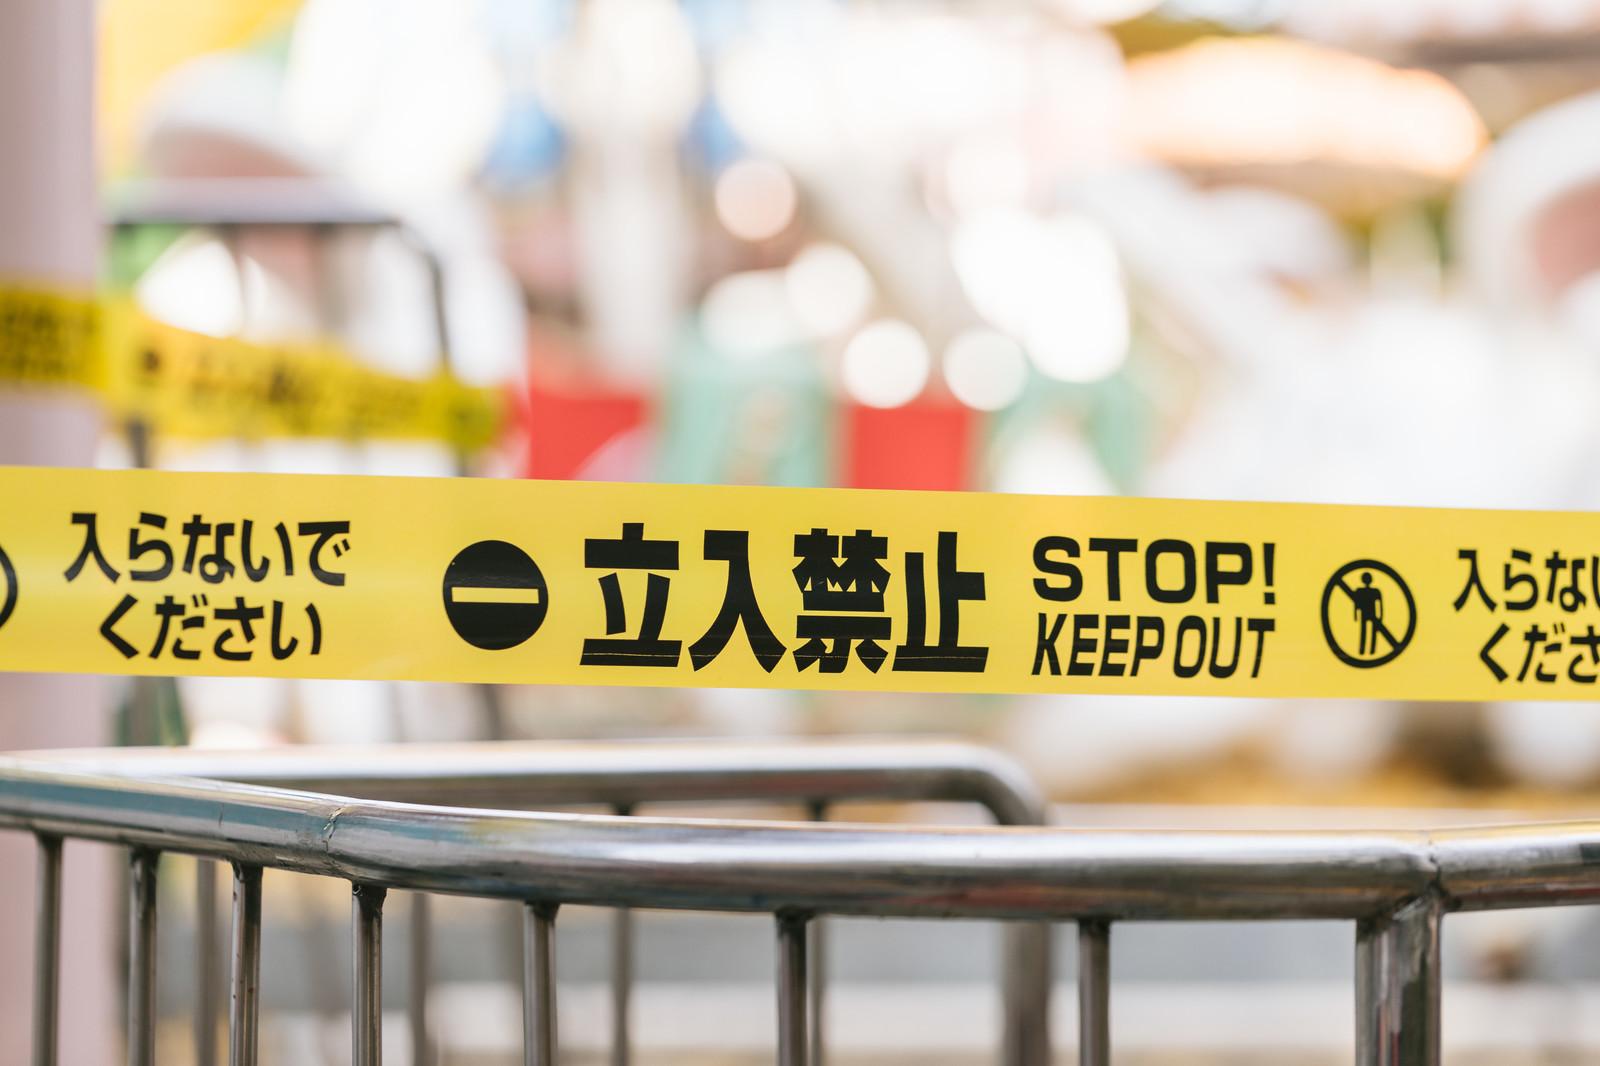 【新安東京】公共場所也OK – 公共意外責任險